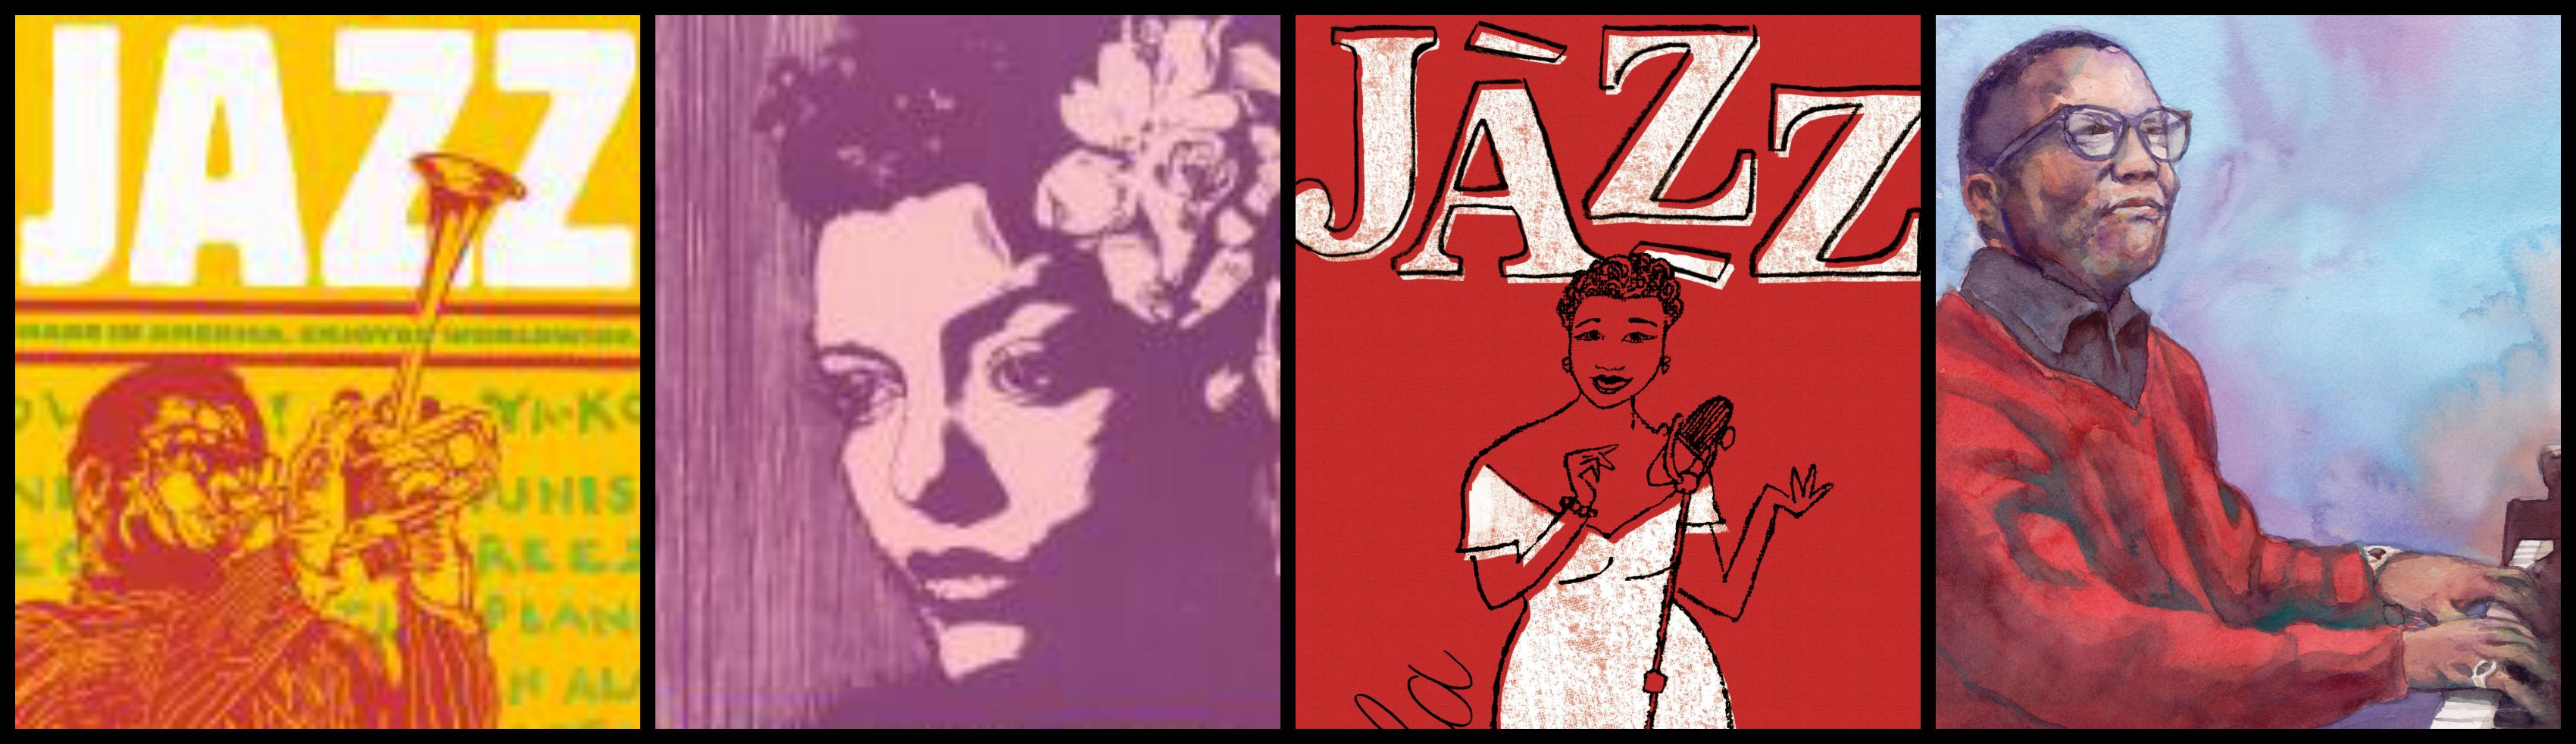 Jazz Appreciation Month Header